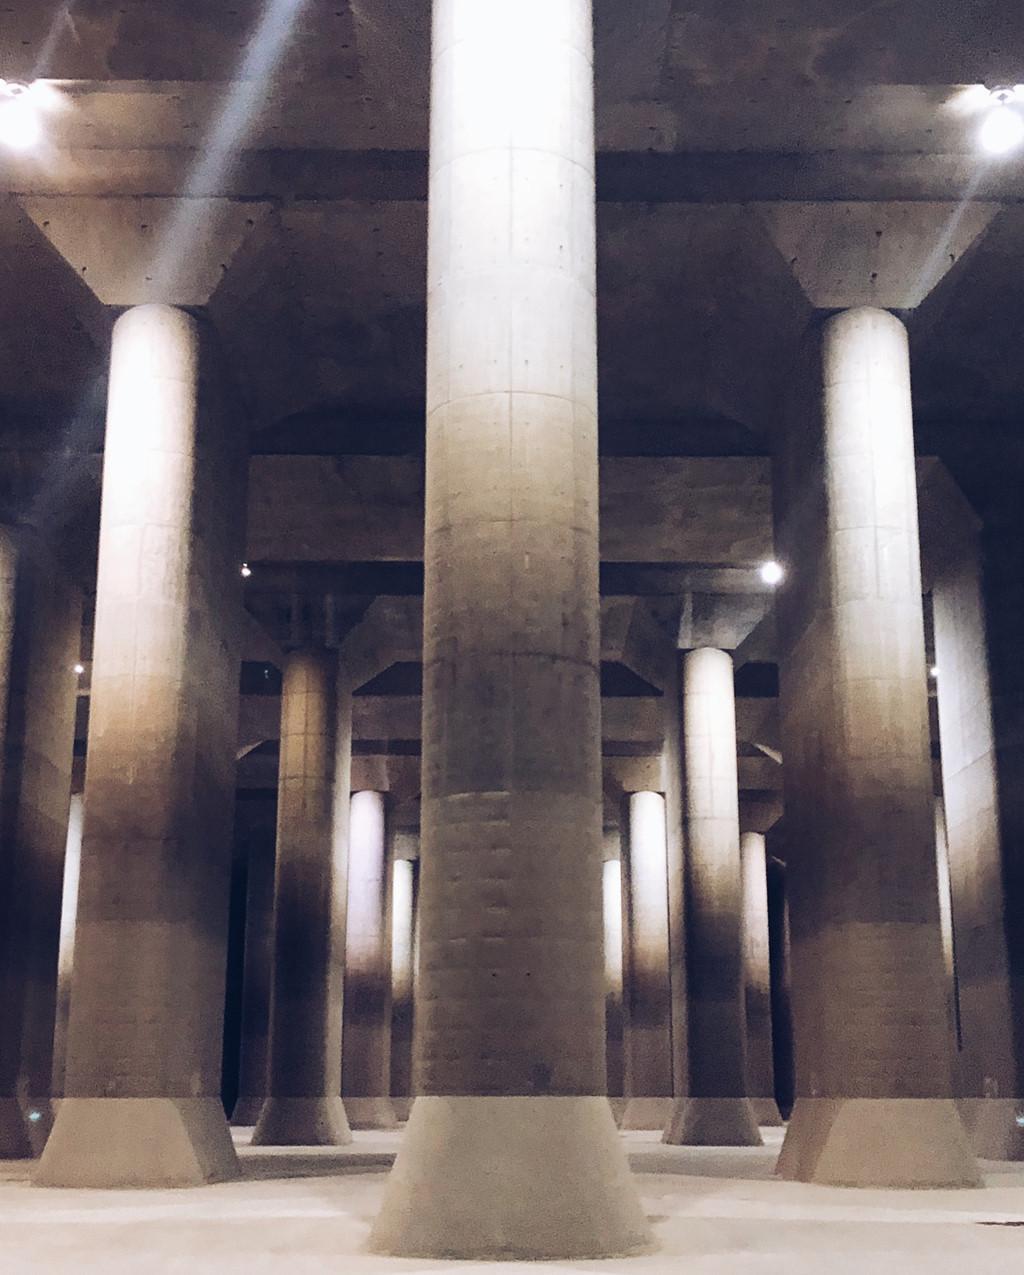 Những công trình lâu đời dưới lòng đất tựa quang cảnh ngoài hành tinh Ảnh 6